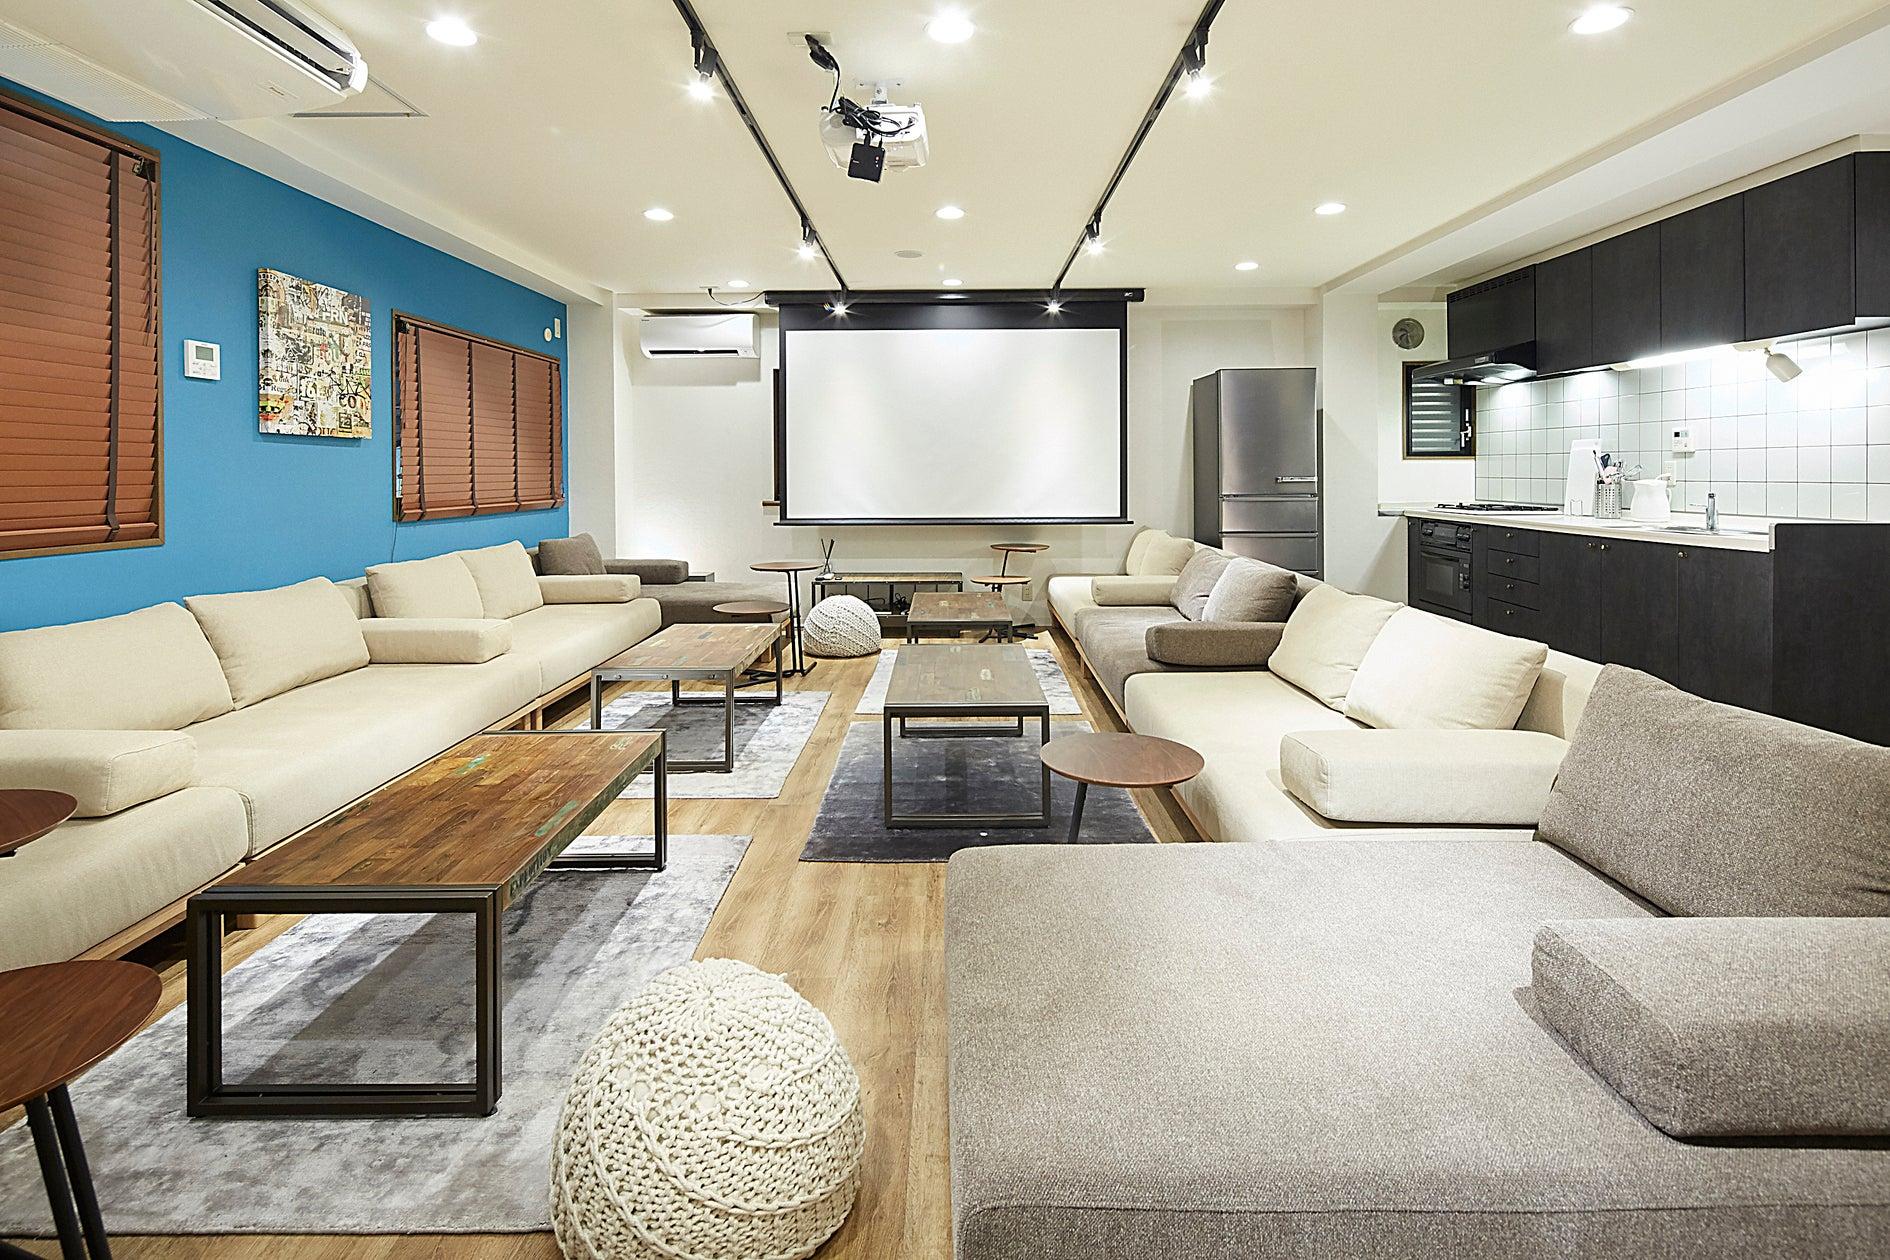 Lounge-R TERRACE渋谷【ラグジュアリーな室内とテラスを貸切!】(Lounge-R TERRACE 渋谷【ラグジュアリーな室内とテラスを貸切】) の写真0